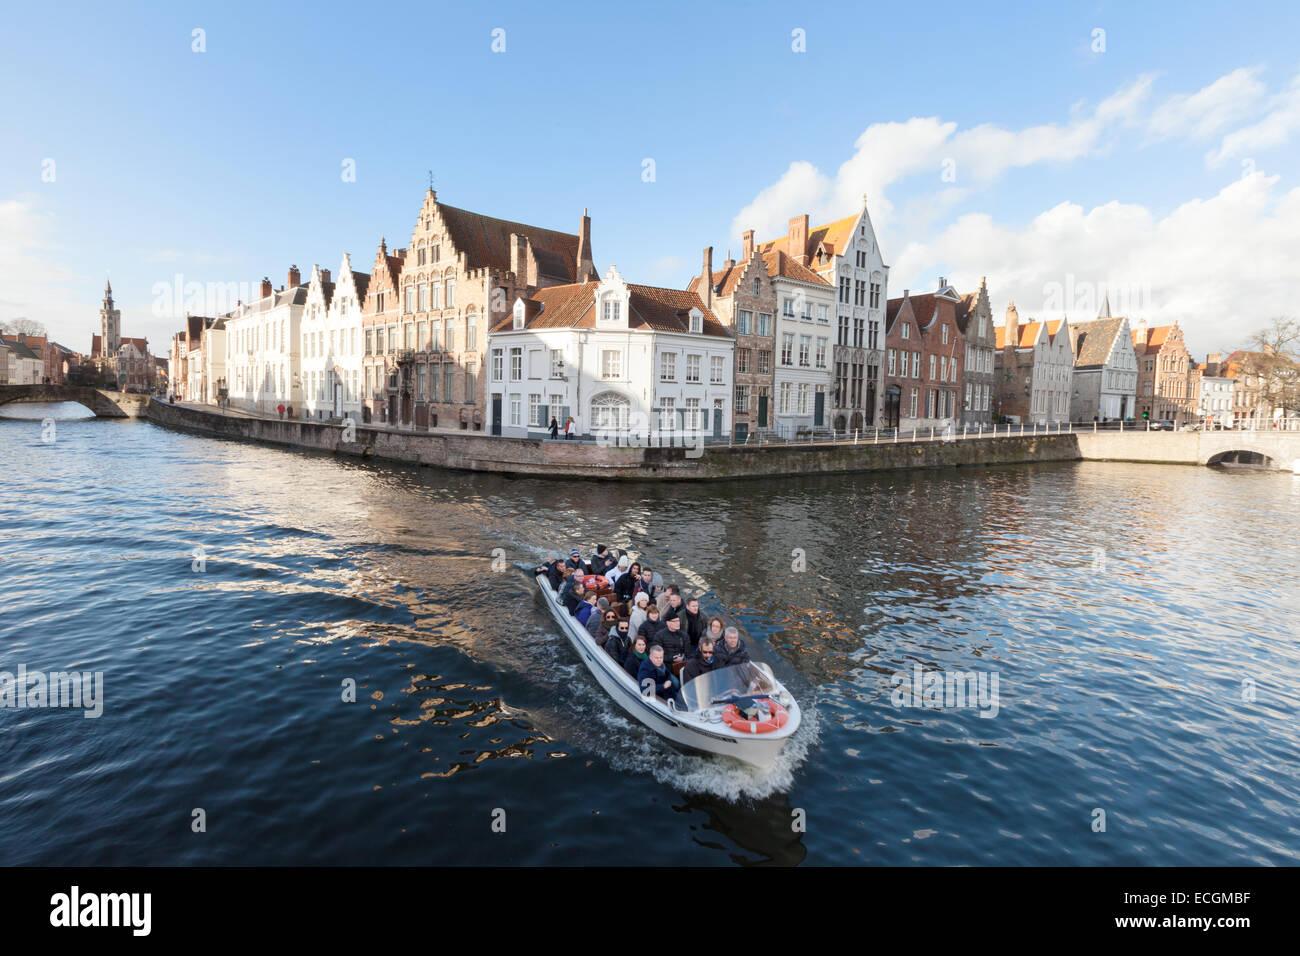 Los turistas en un viaje en barco por el canal en el Speigelrei, Brujas, Bélgica, Europa Imagen De Stock